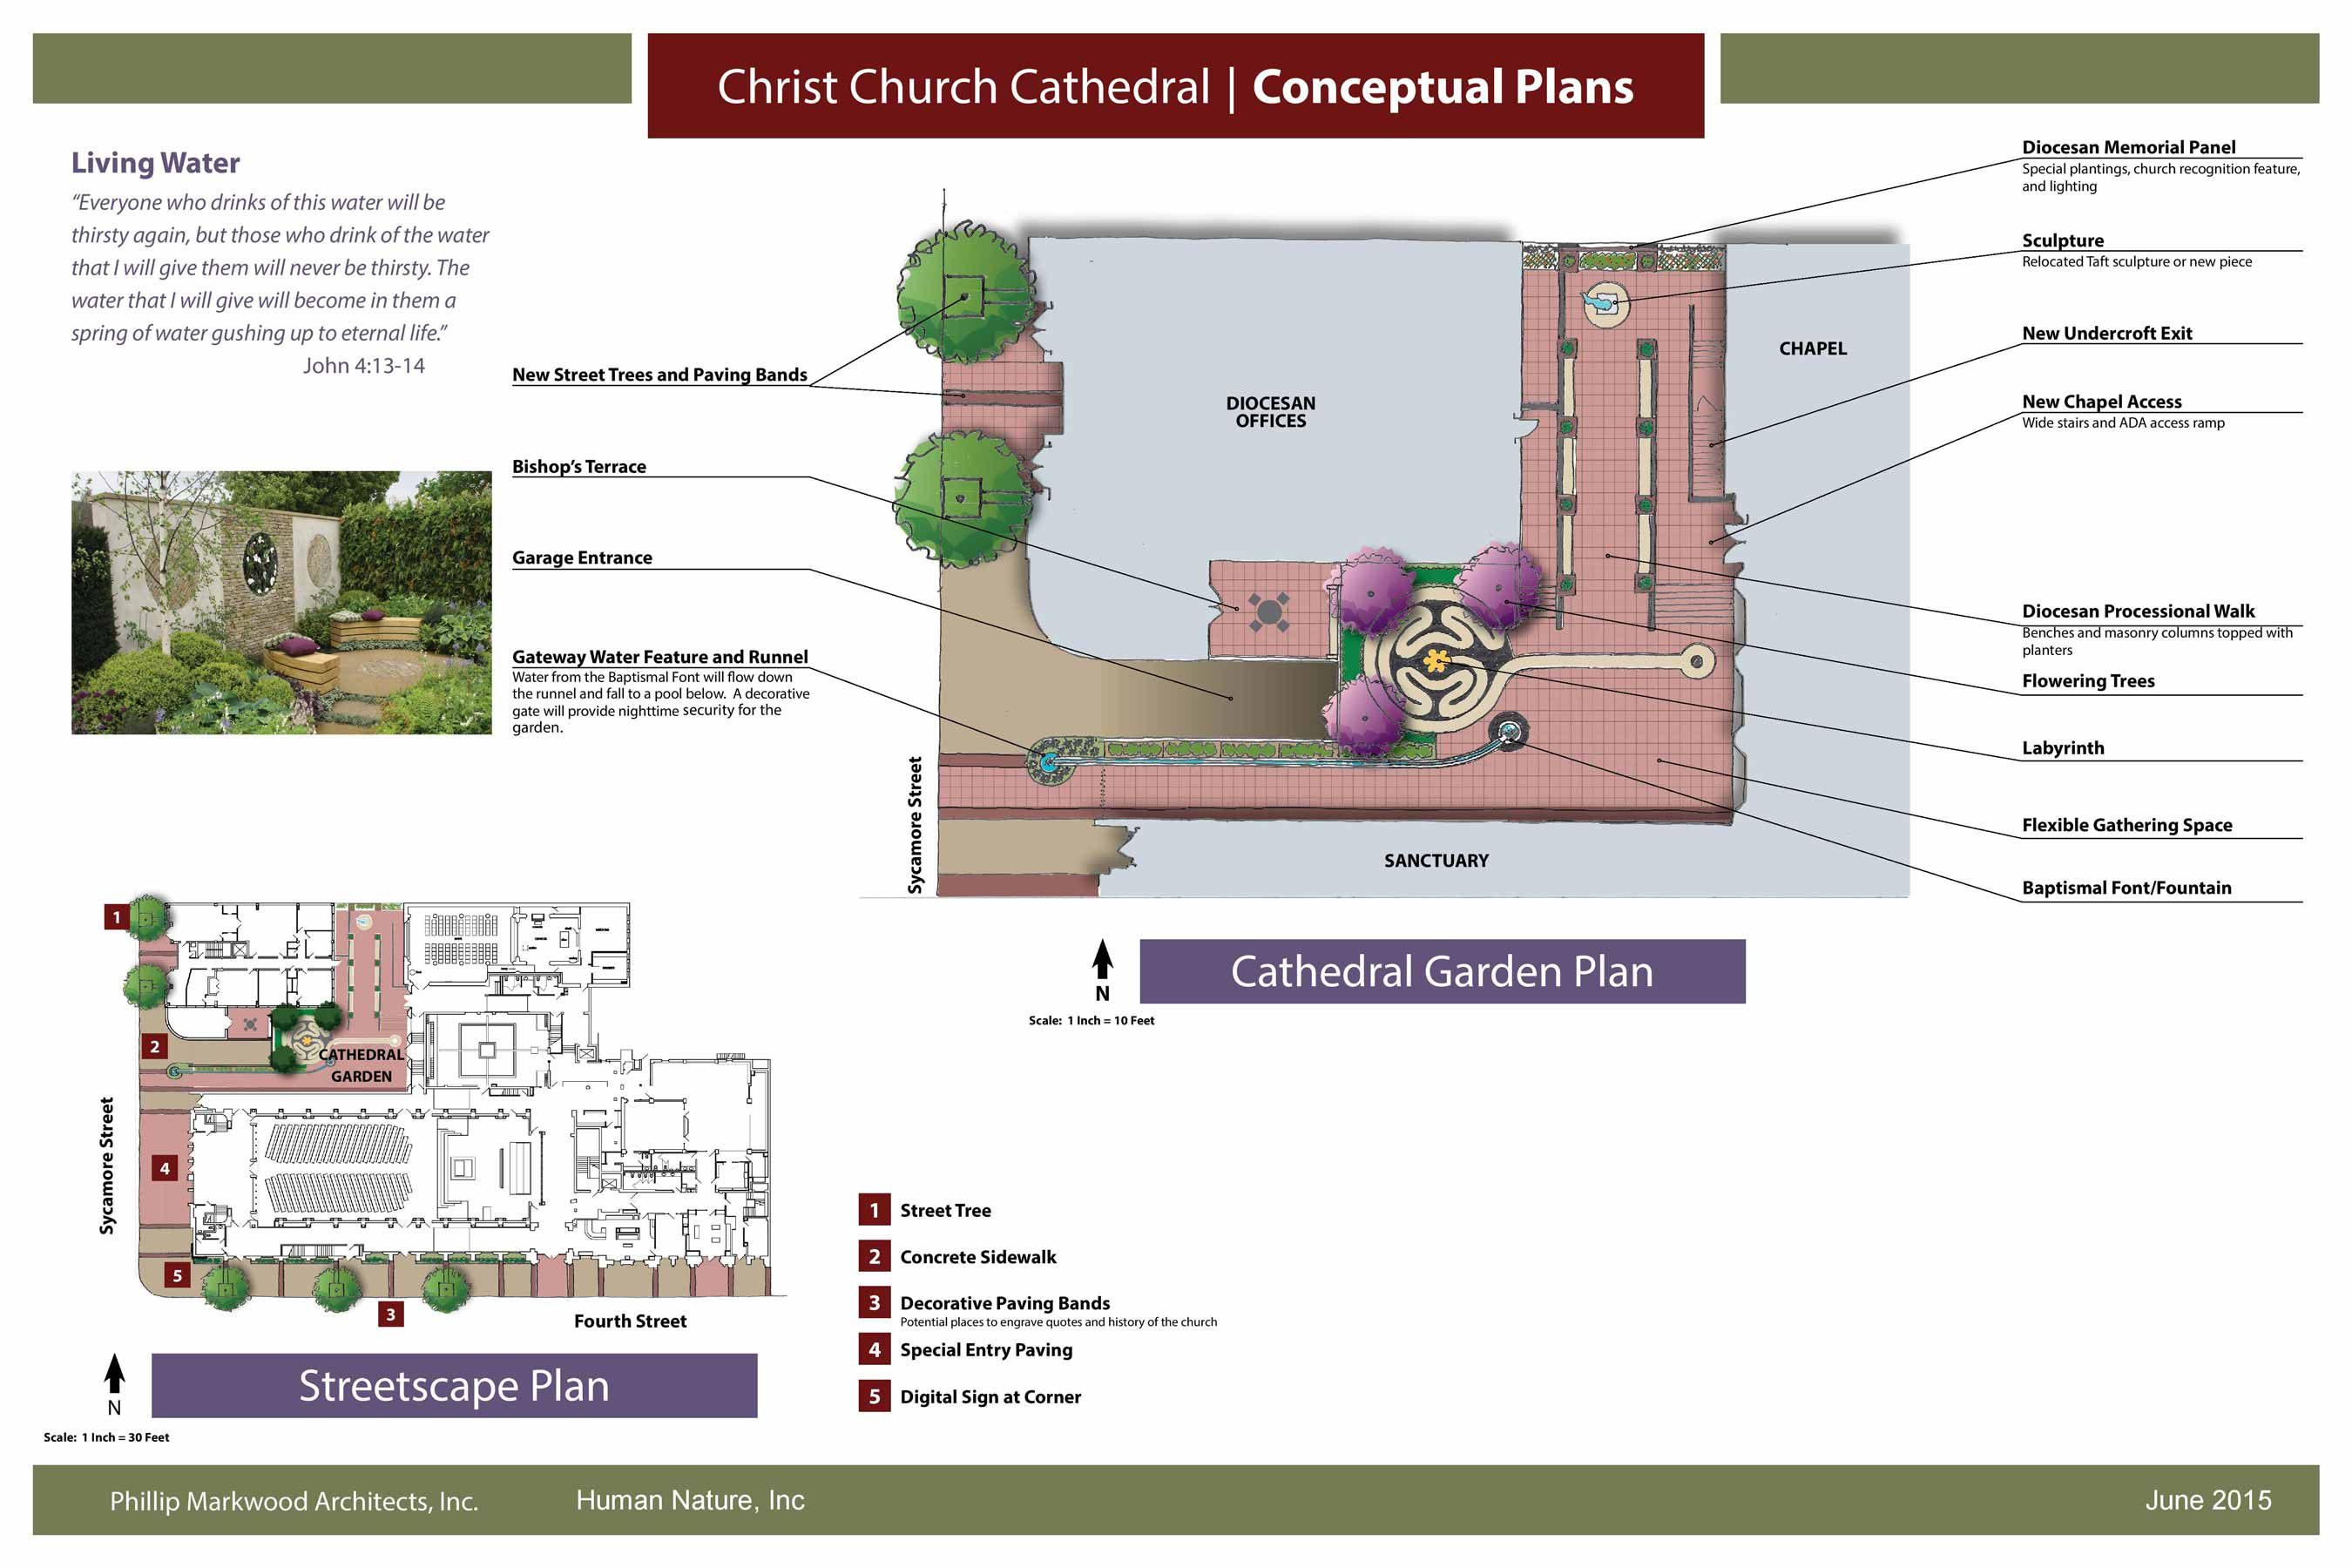 2015_0522-CCC-Conceptual-Plans-Presentation-pg-1-page-001